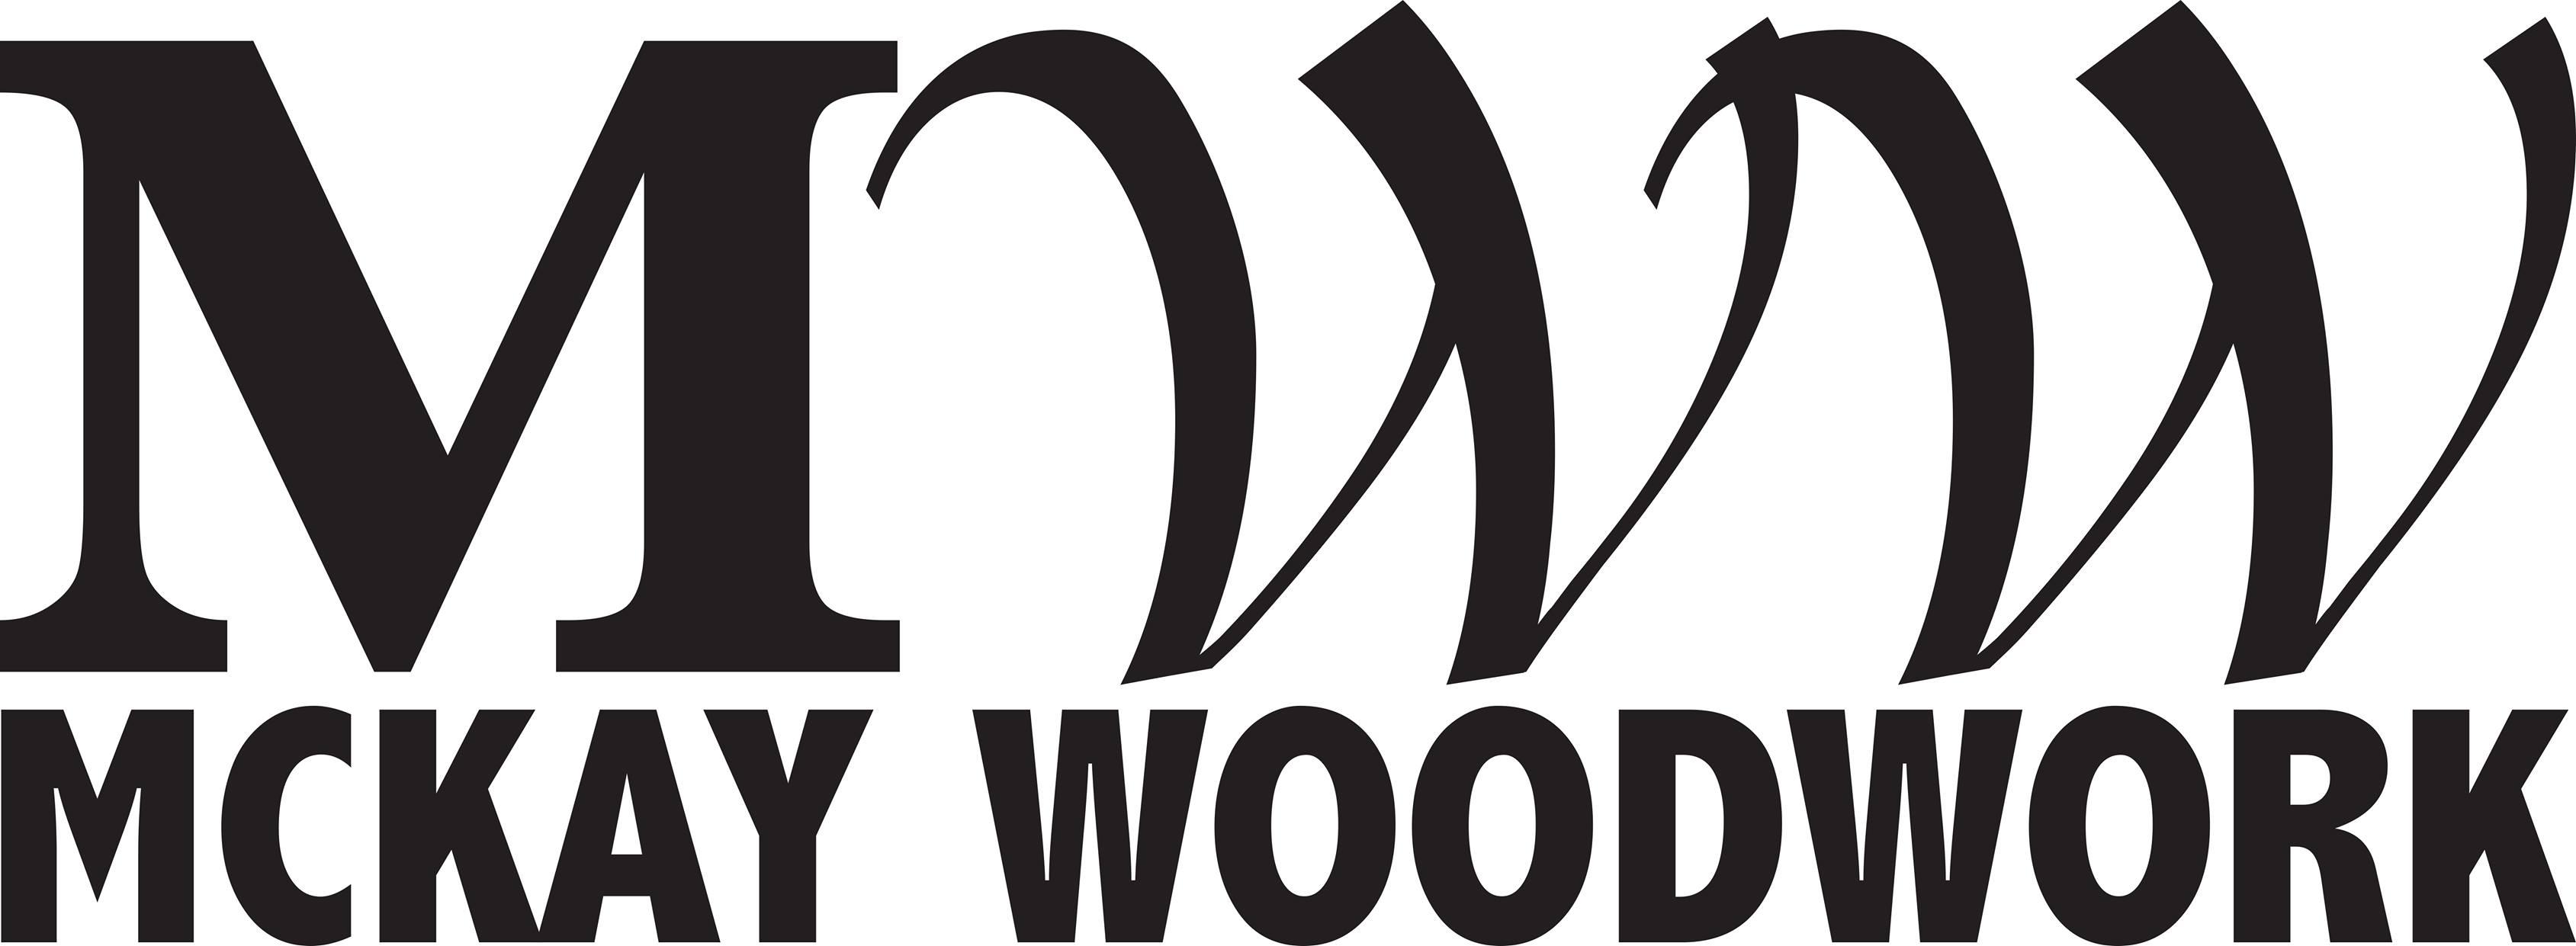 McKay Woodwork Logo